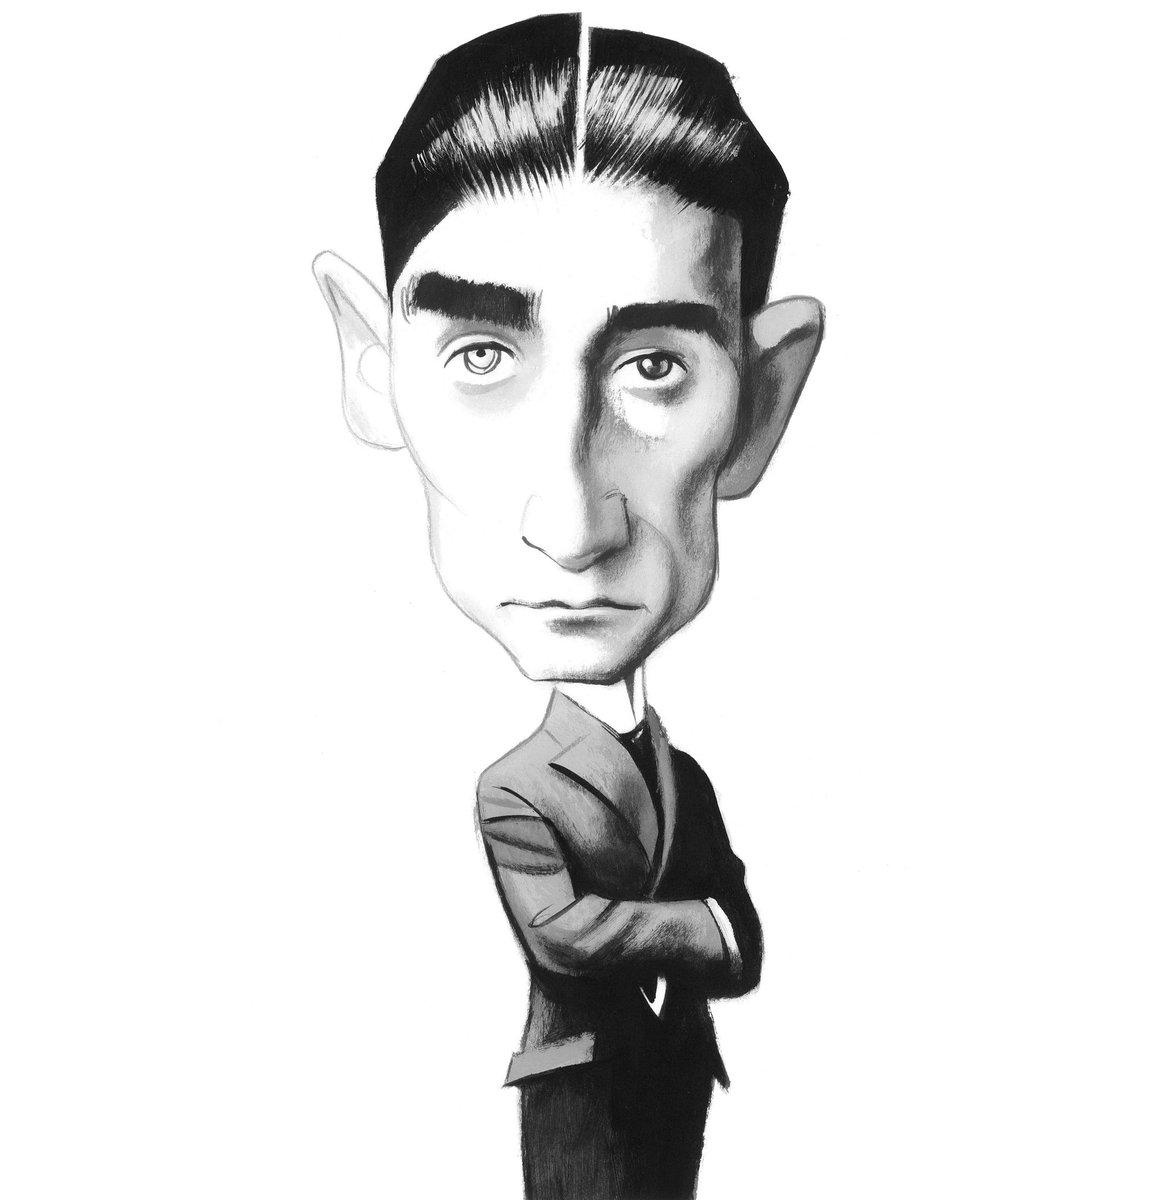 #TalDíaComoHoy en 1883 #FranzKafka https://t.co/3gFLEan5zK